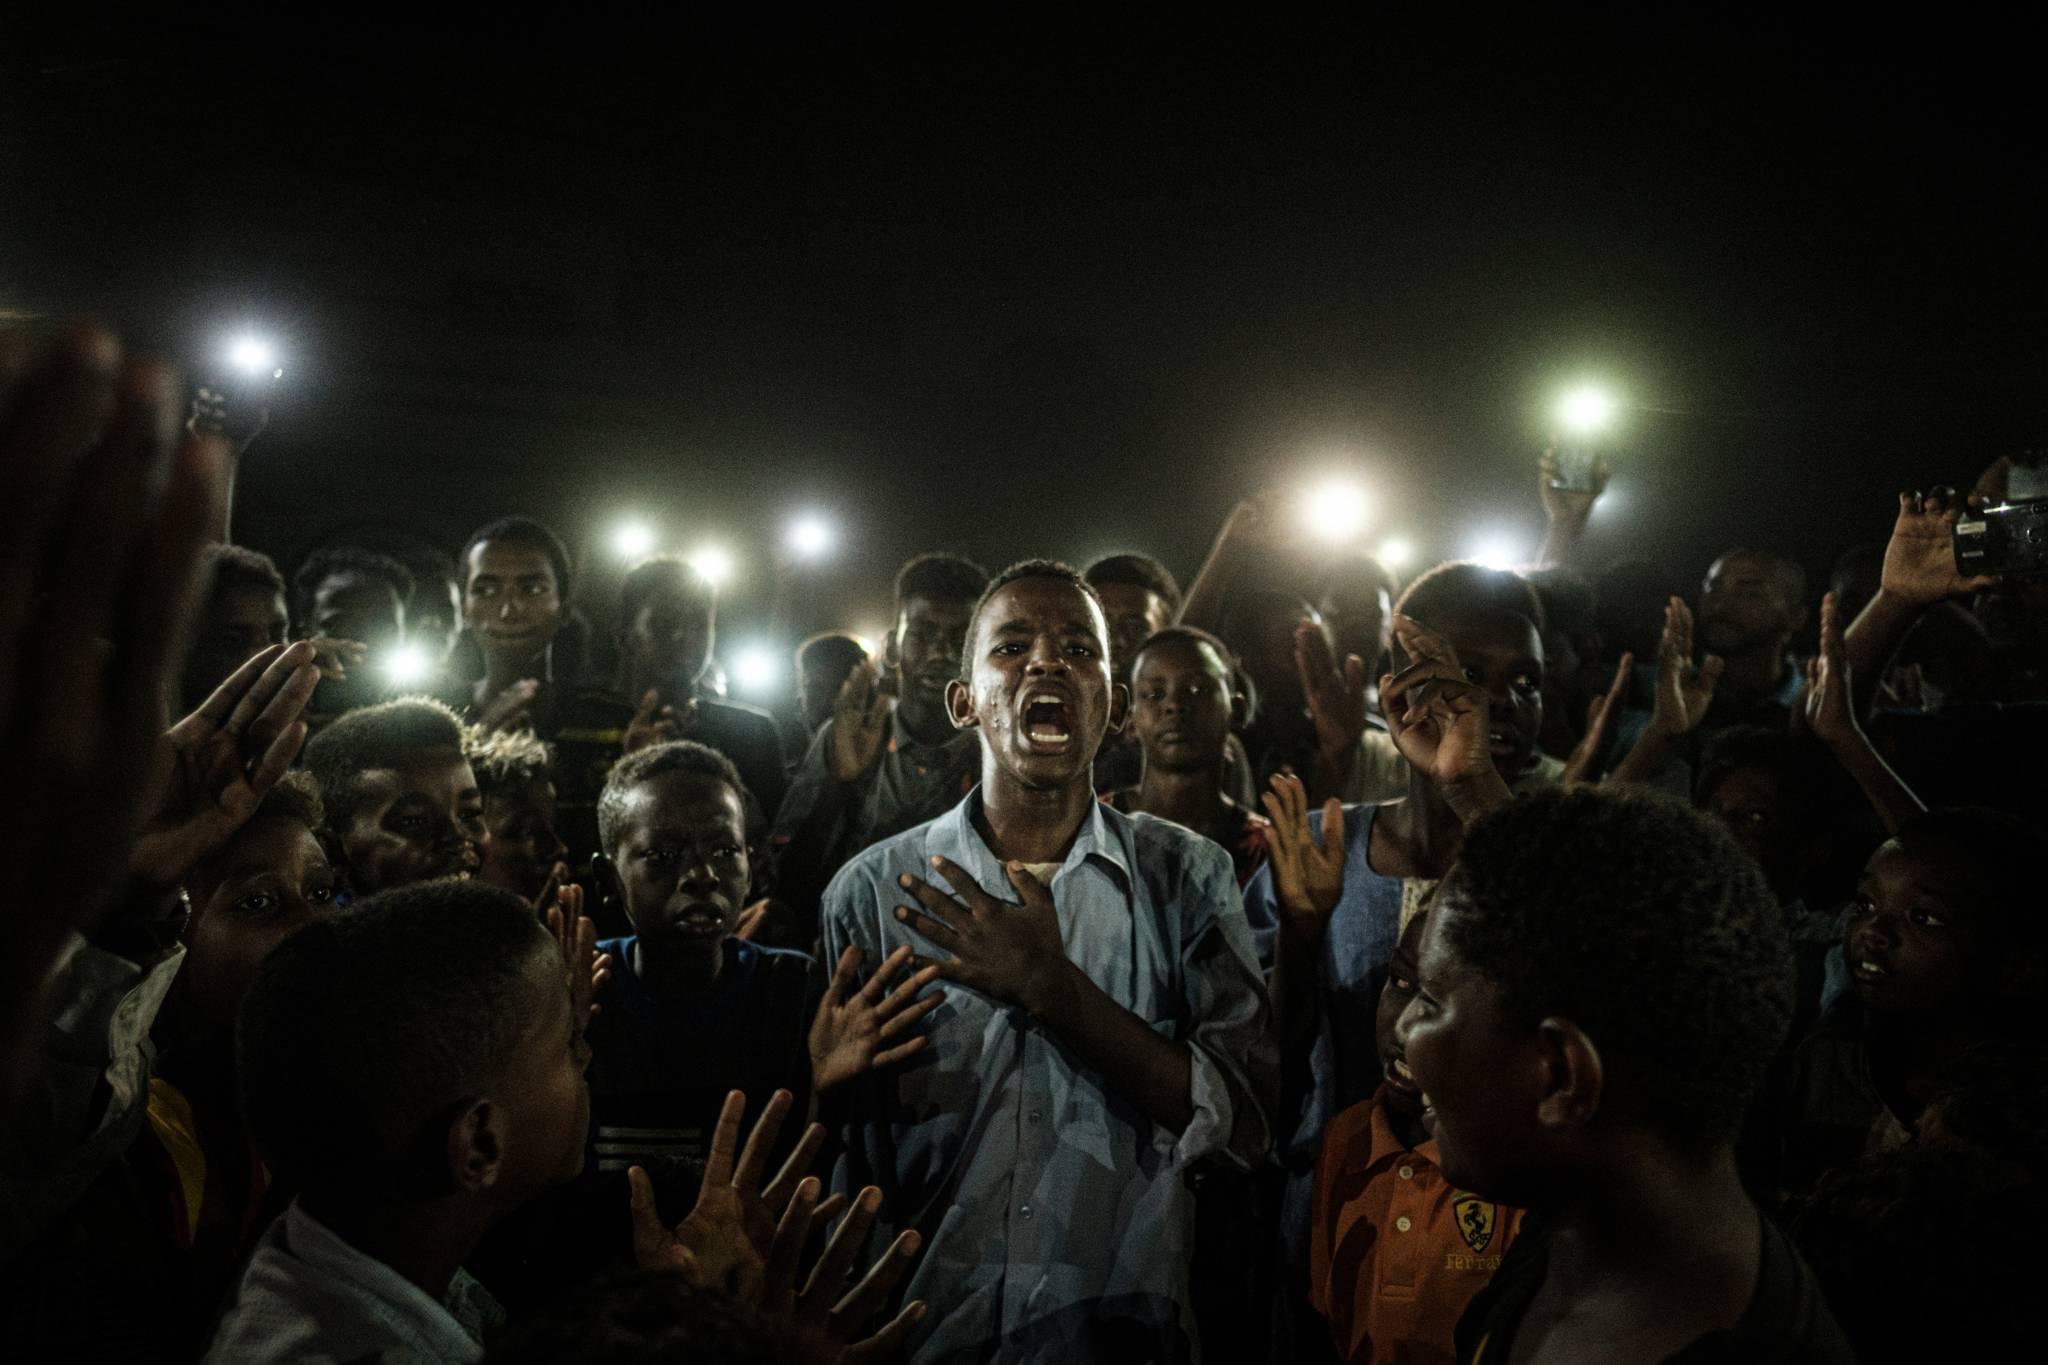 Zdjęcie Tomka Kaczora nominowane do tytułu Zdjęcia Roku World Press Photo